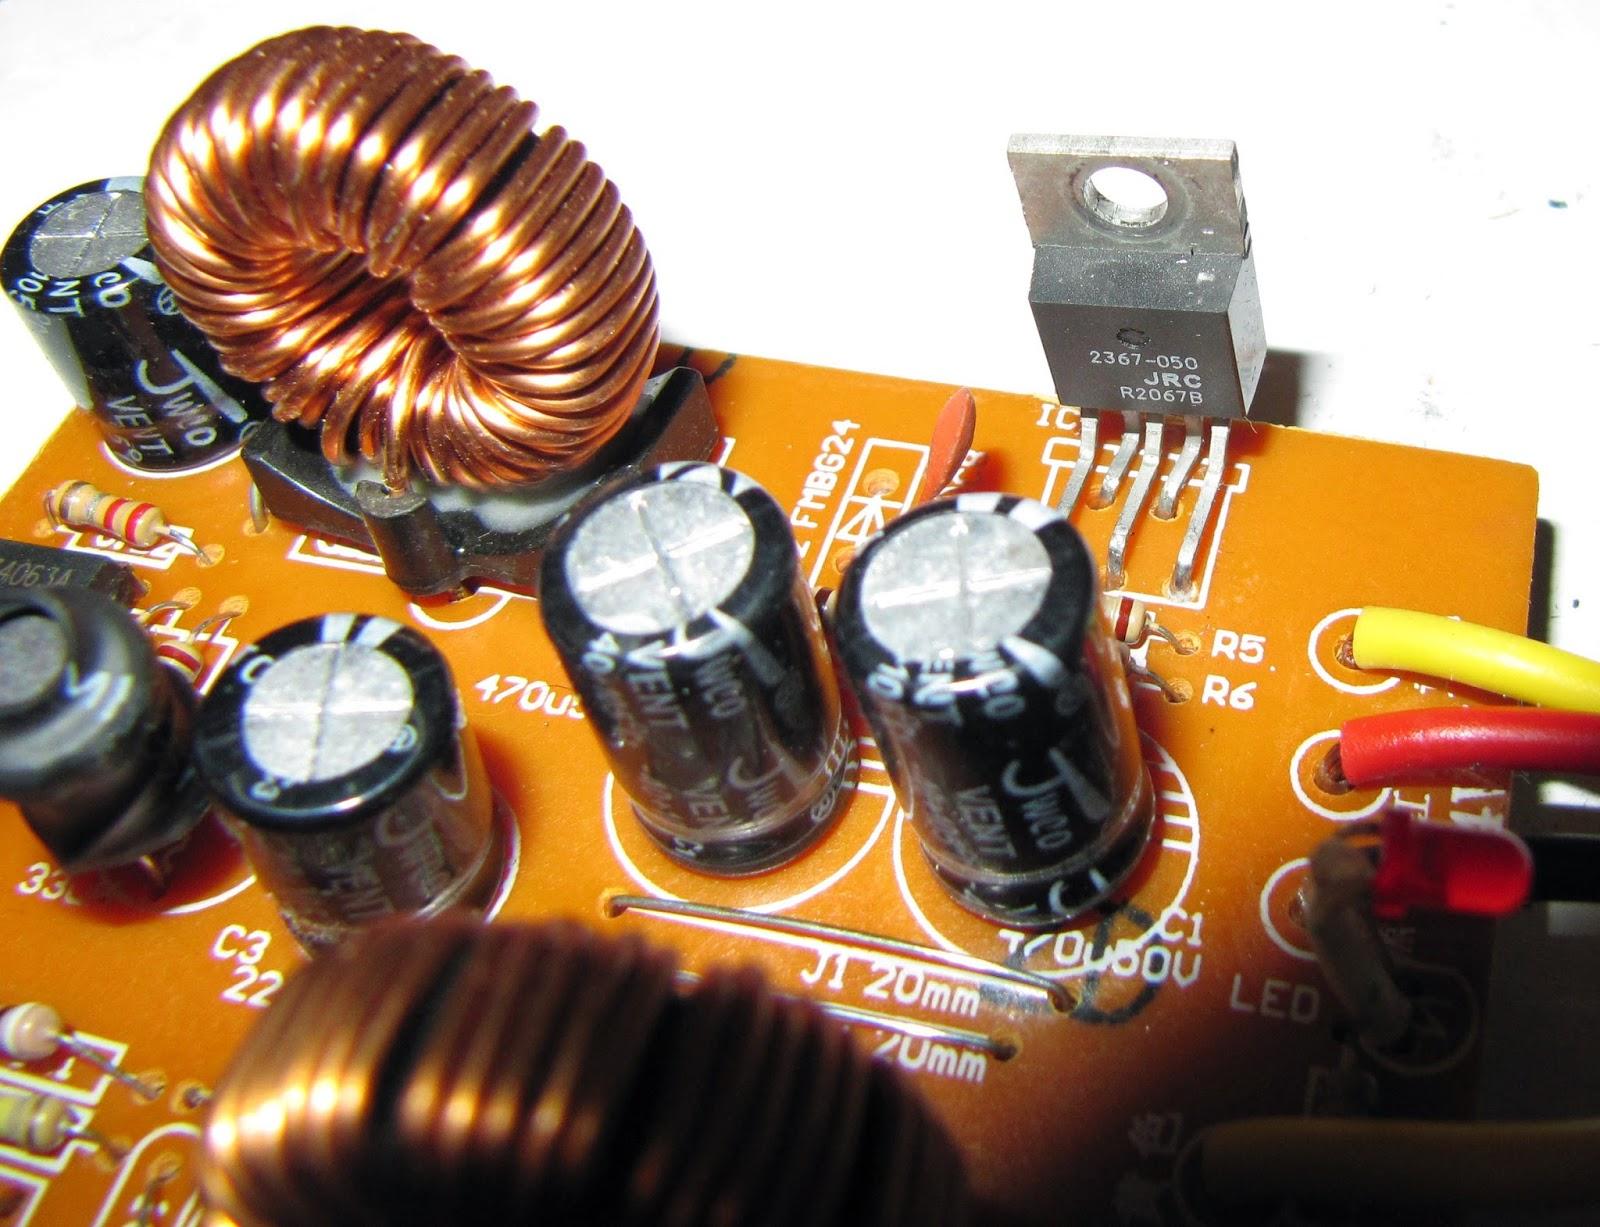 схема.преобразователя.24 вольт.на.12 вольт